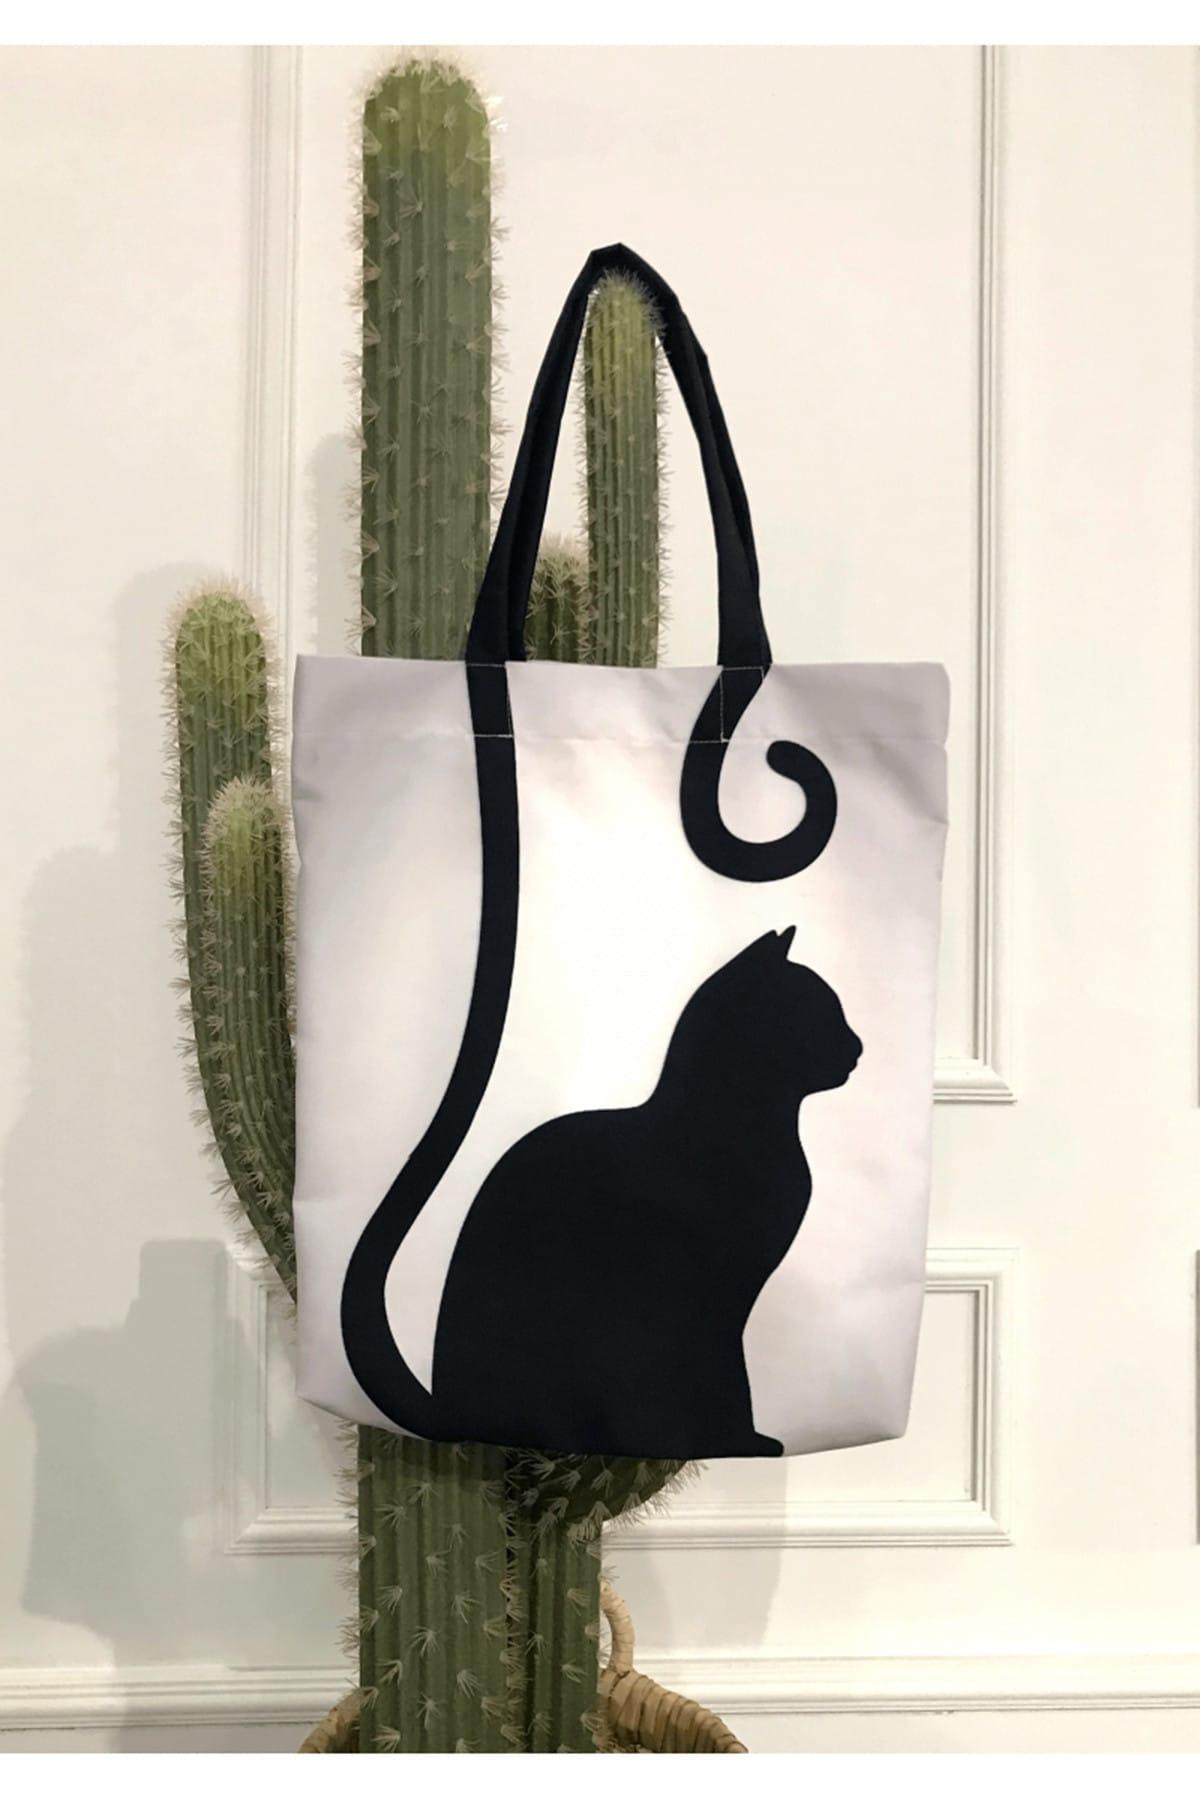 Пляжная сумка | Рисунок кота | Летняя мода 2021 | Модная и шикарная | Использование полезно | Ежедневное использование и подарок | Женская мода | ...